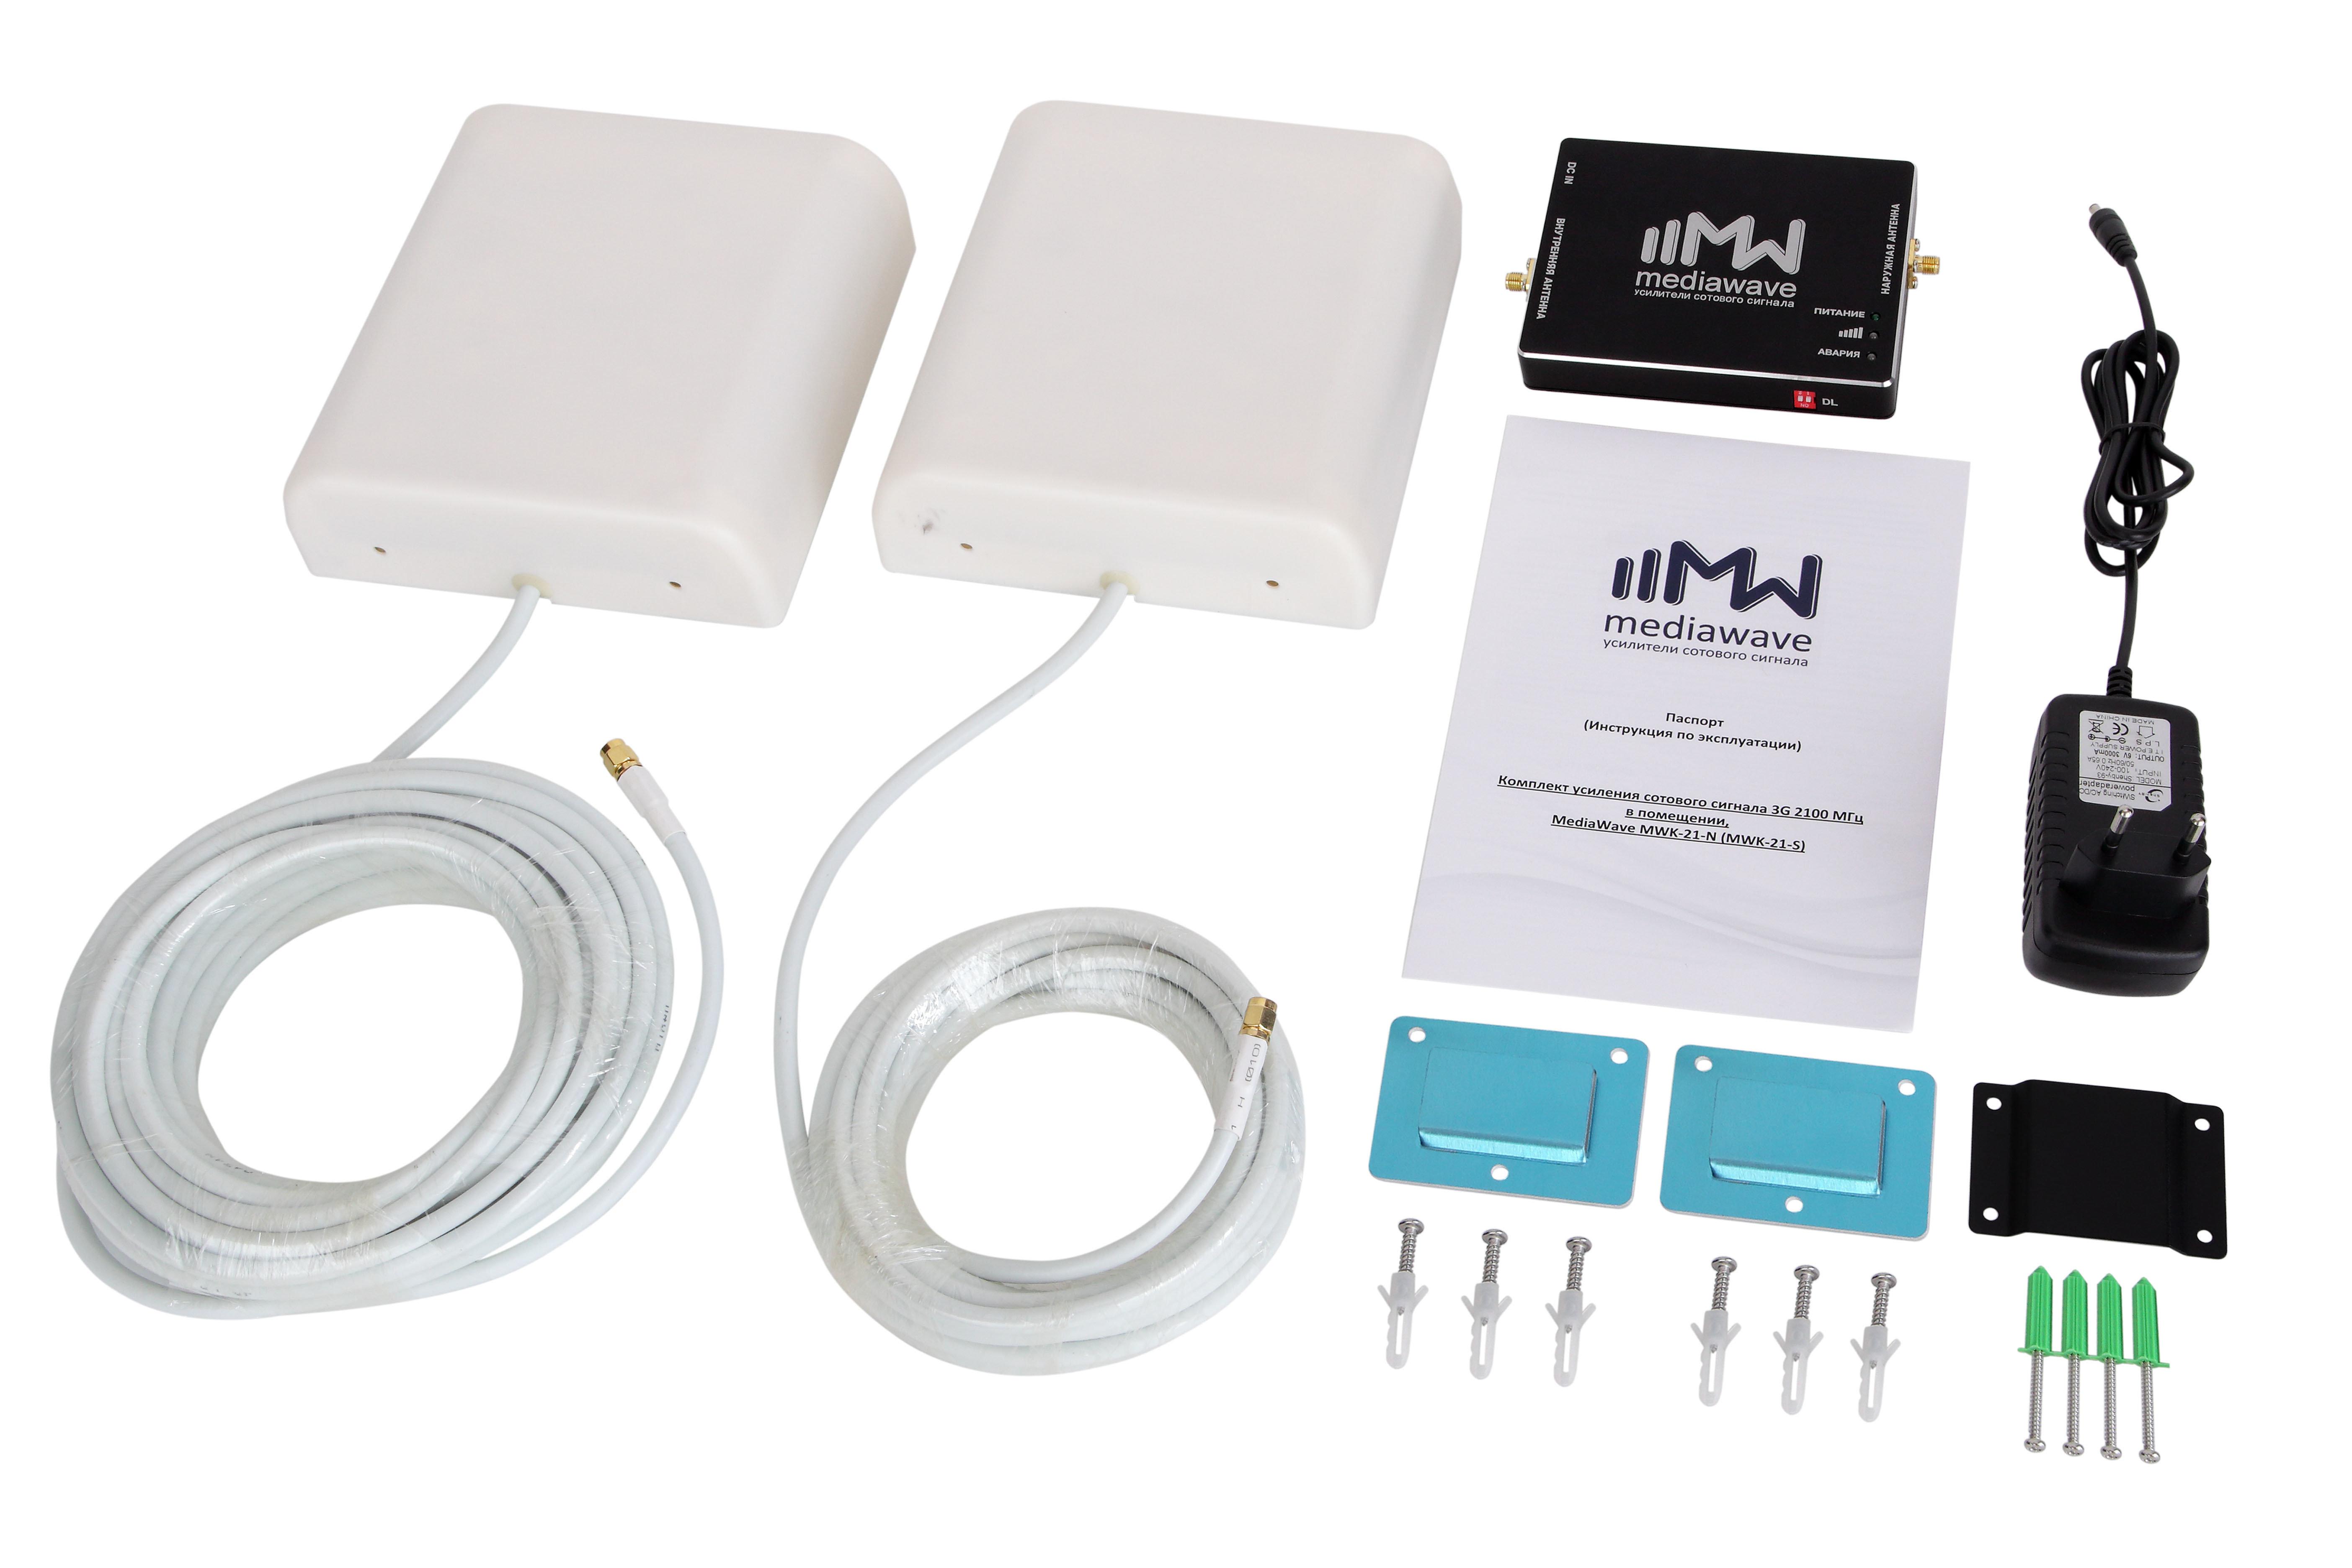 MediaWave MWK-9-N - состав комплекта